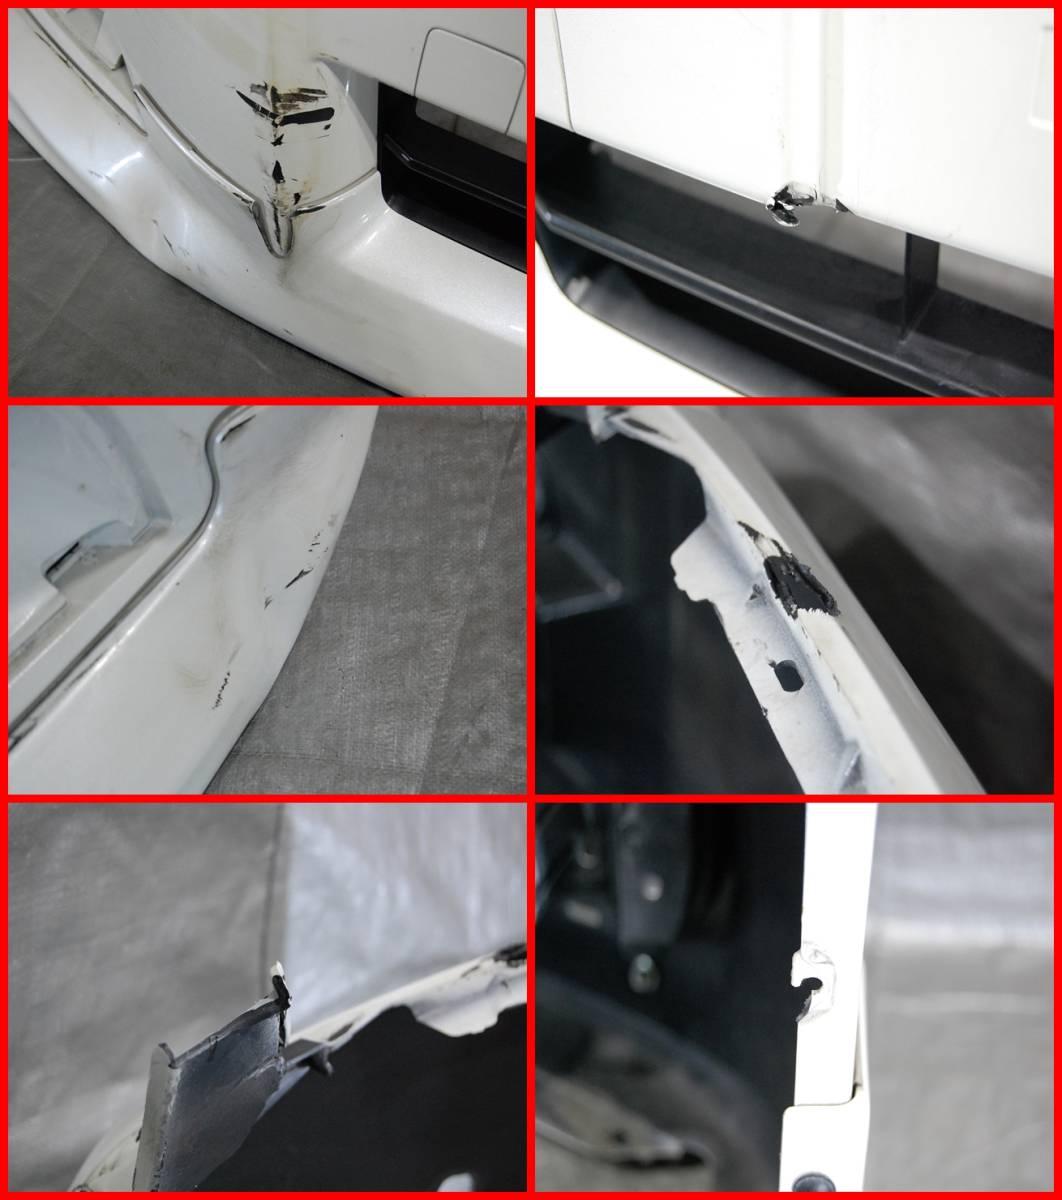 14525 E52 エルグランド 前期 純正 フロントバンパー スポイラー付 62022 1JB0H_画像3